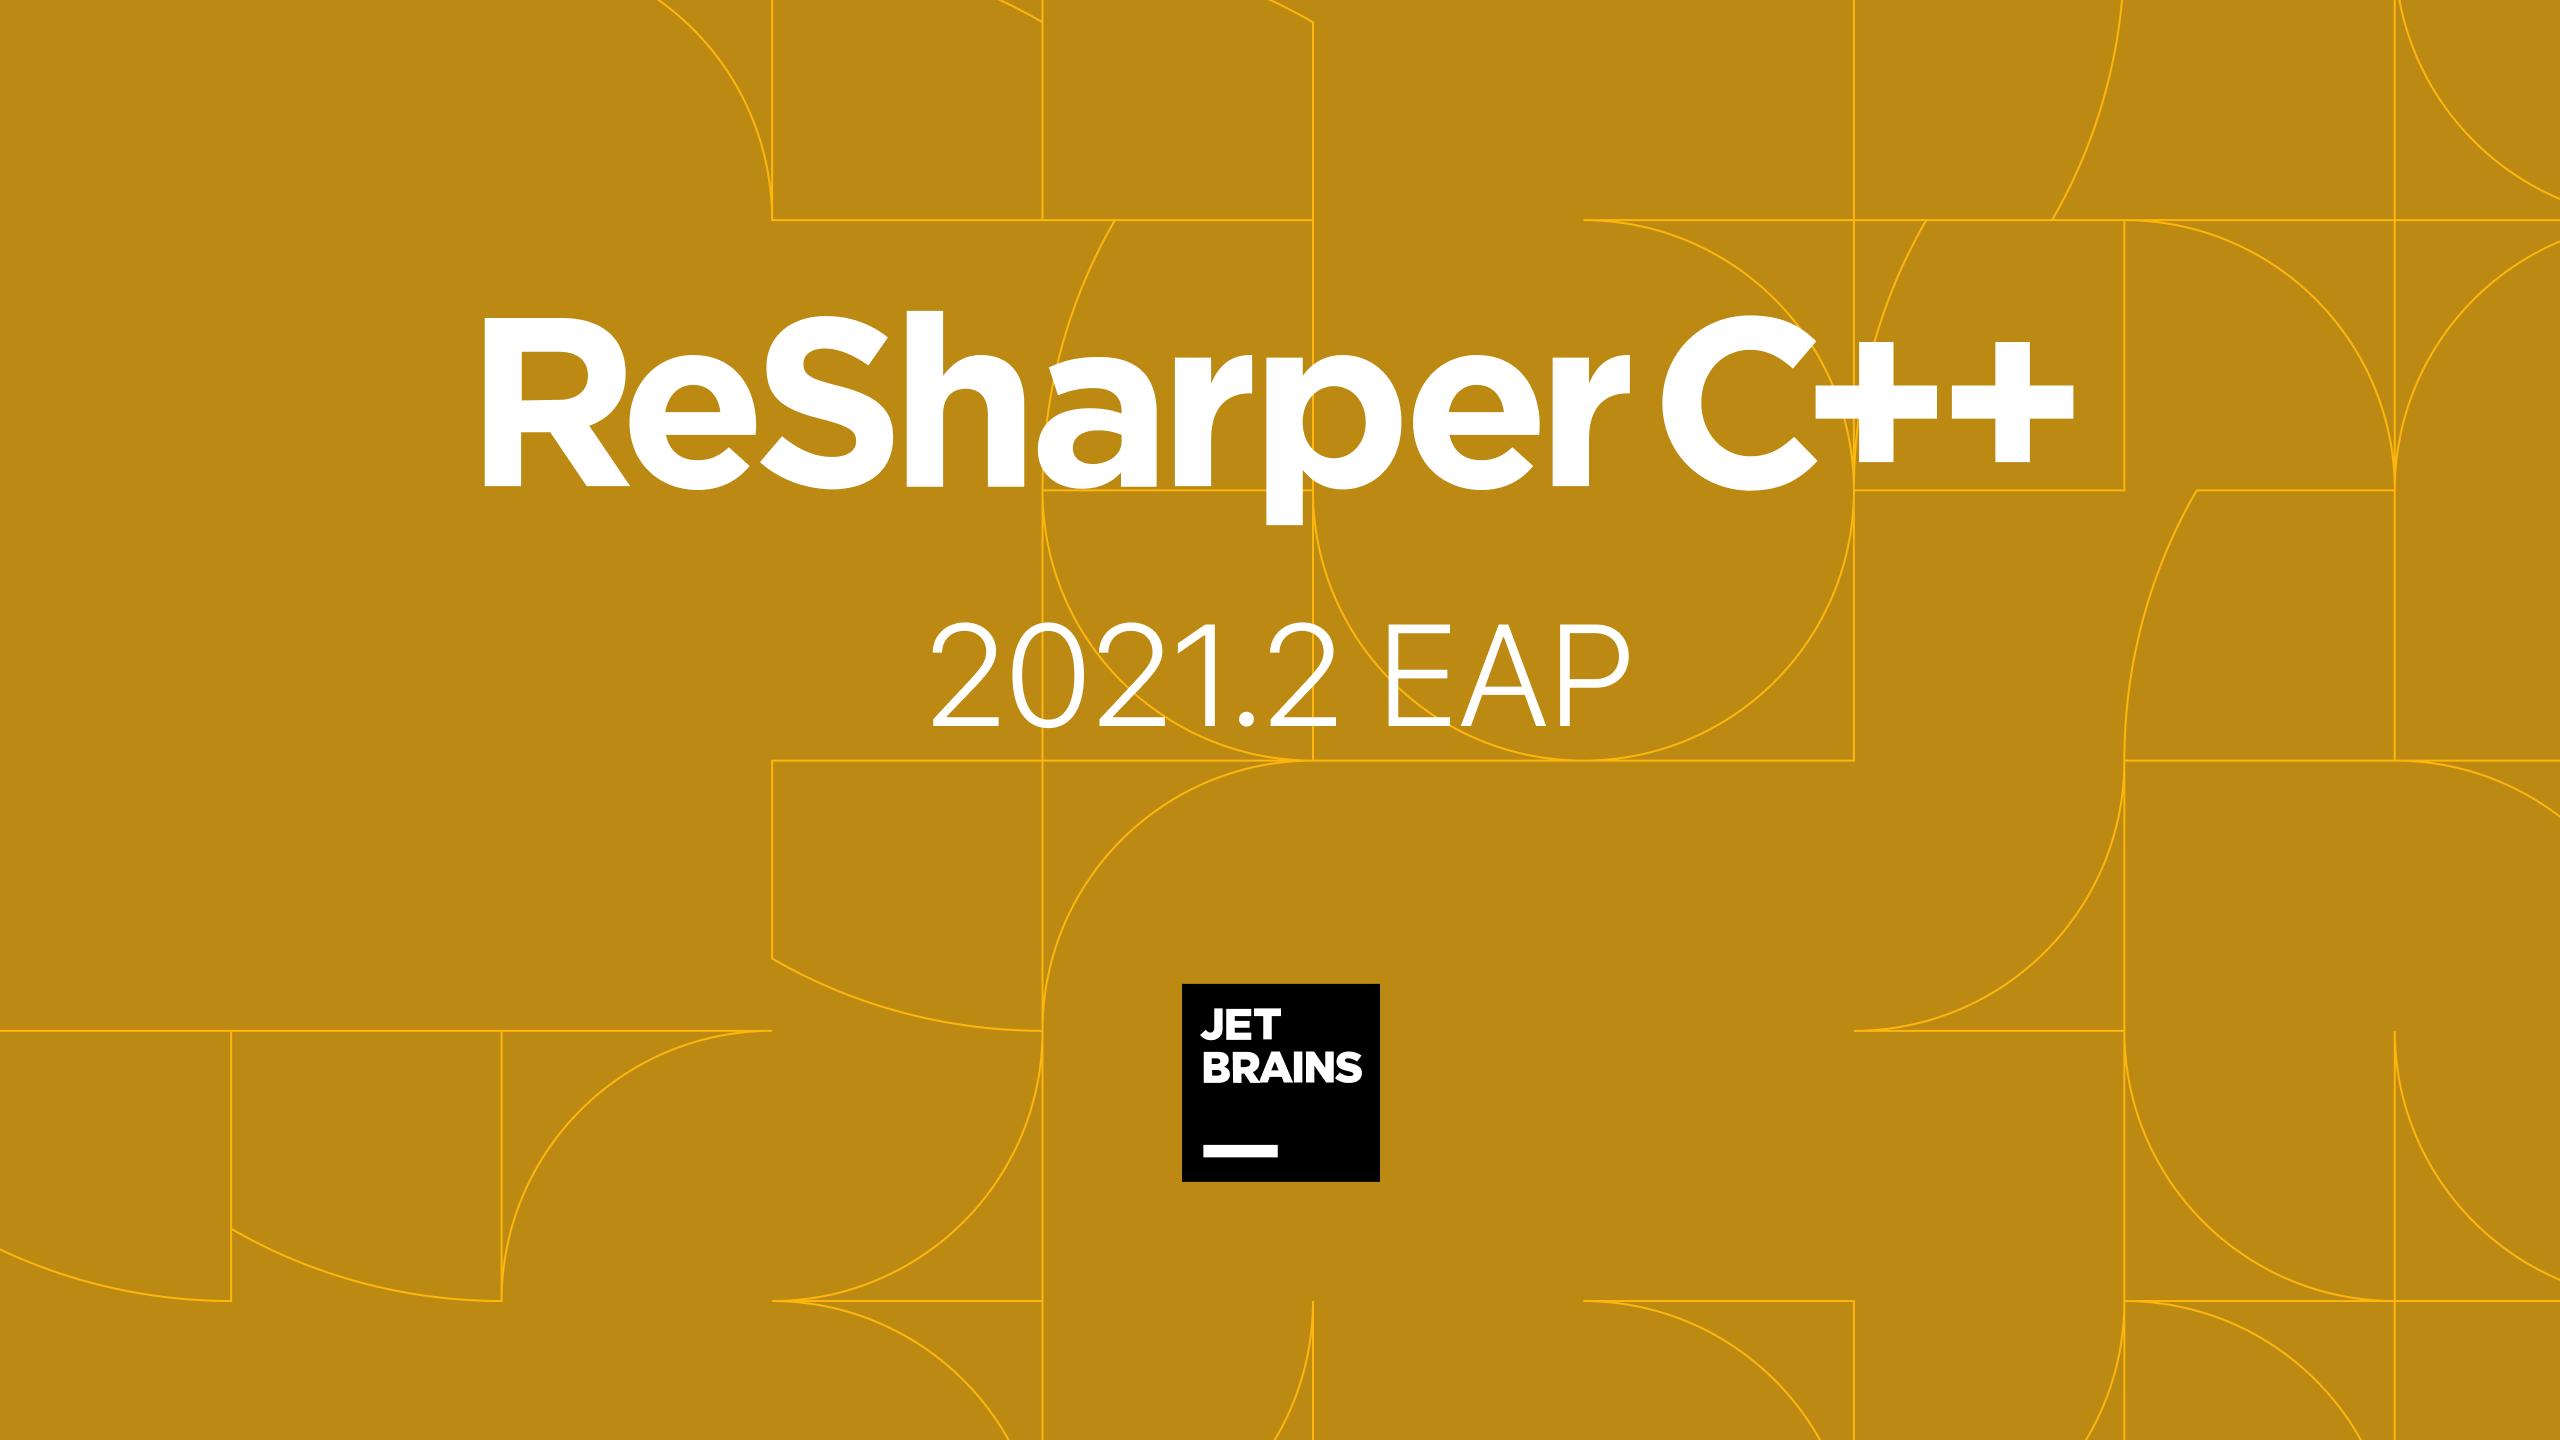 ReSharper C++ 2021.2 EAP